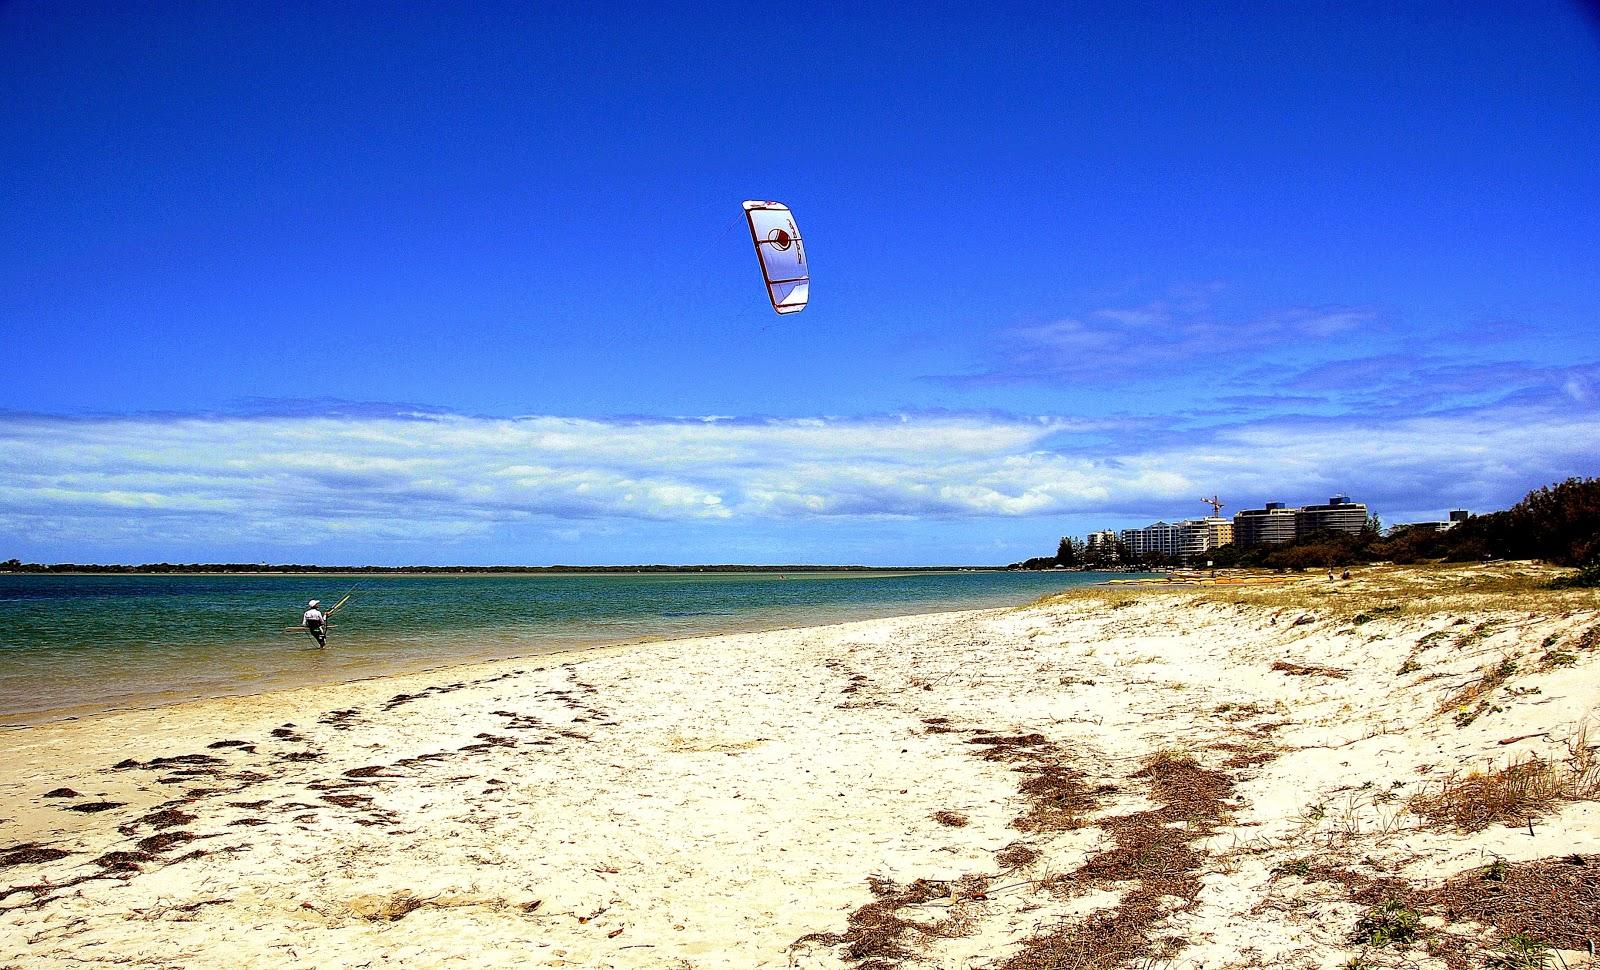 FileCaloundra Queensland   Golden Beach Kite surfing